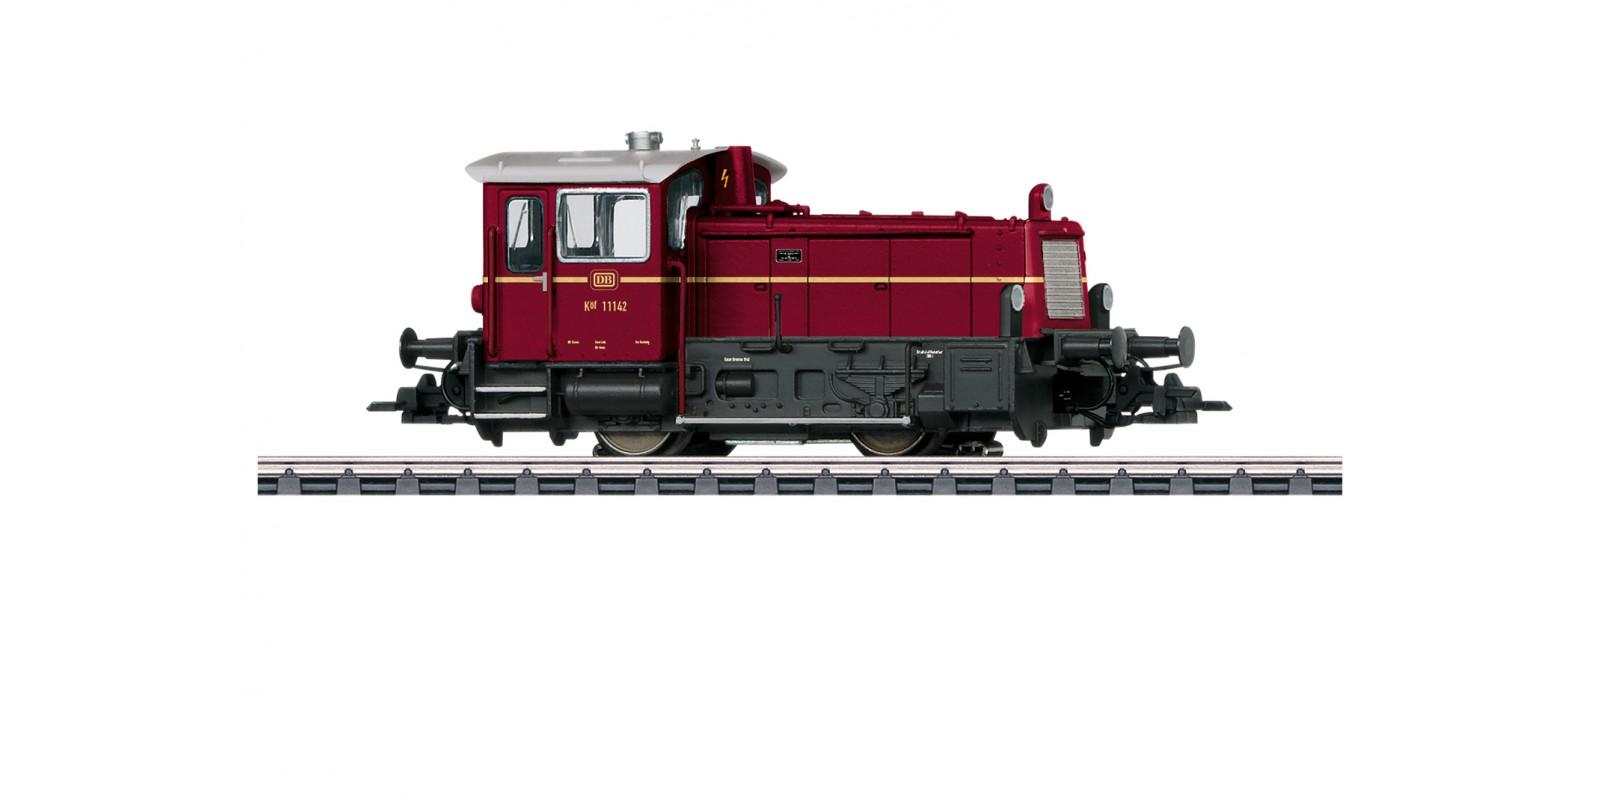 36345 Class Köf III Diesel Locomotive